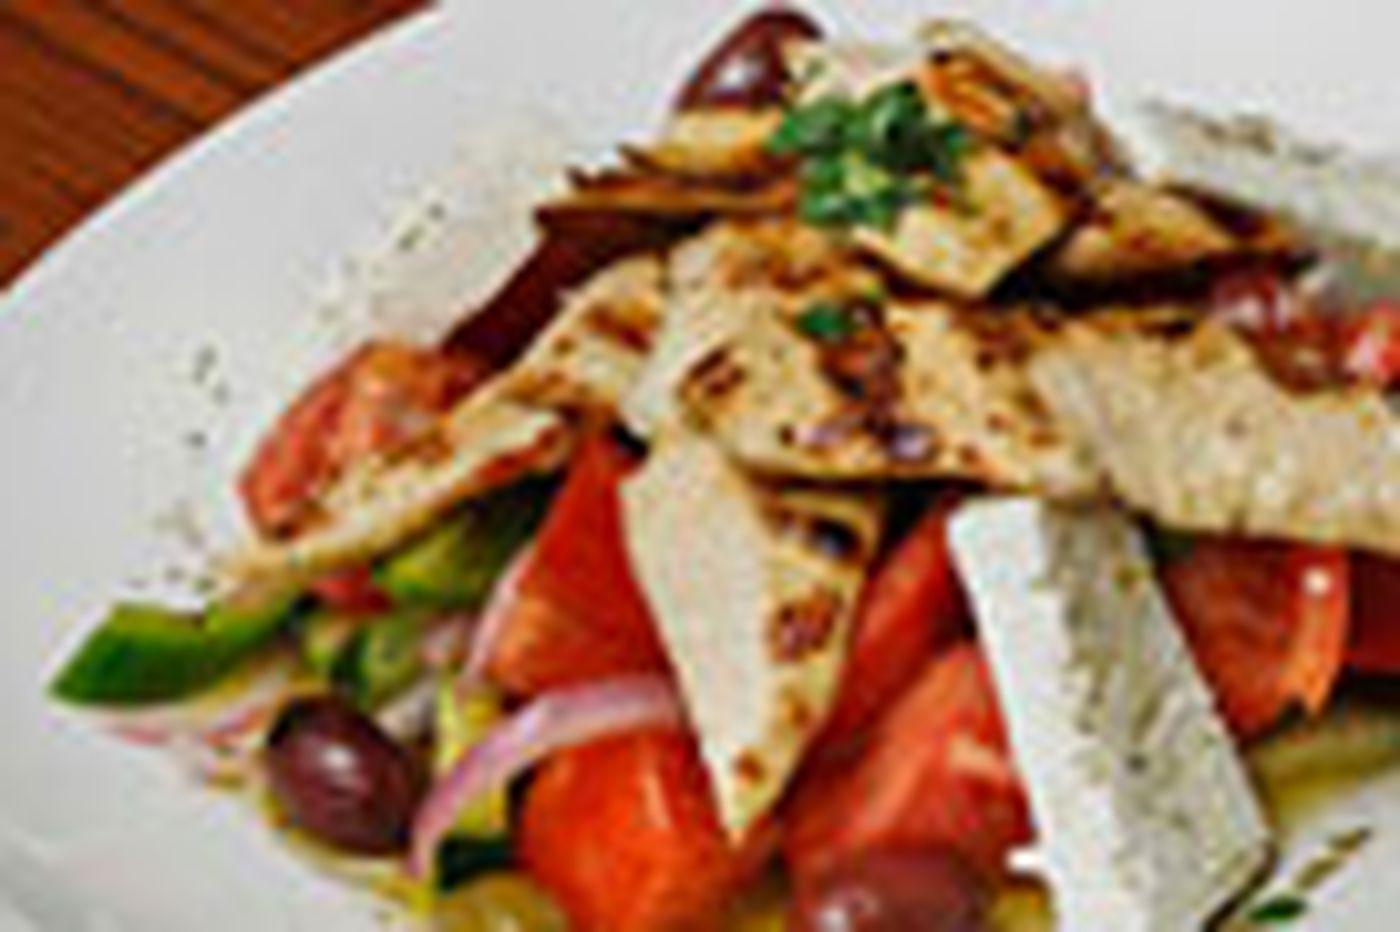 Good Taste: Horiatiki salad at Estia